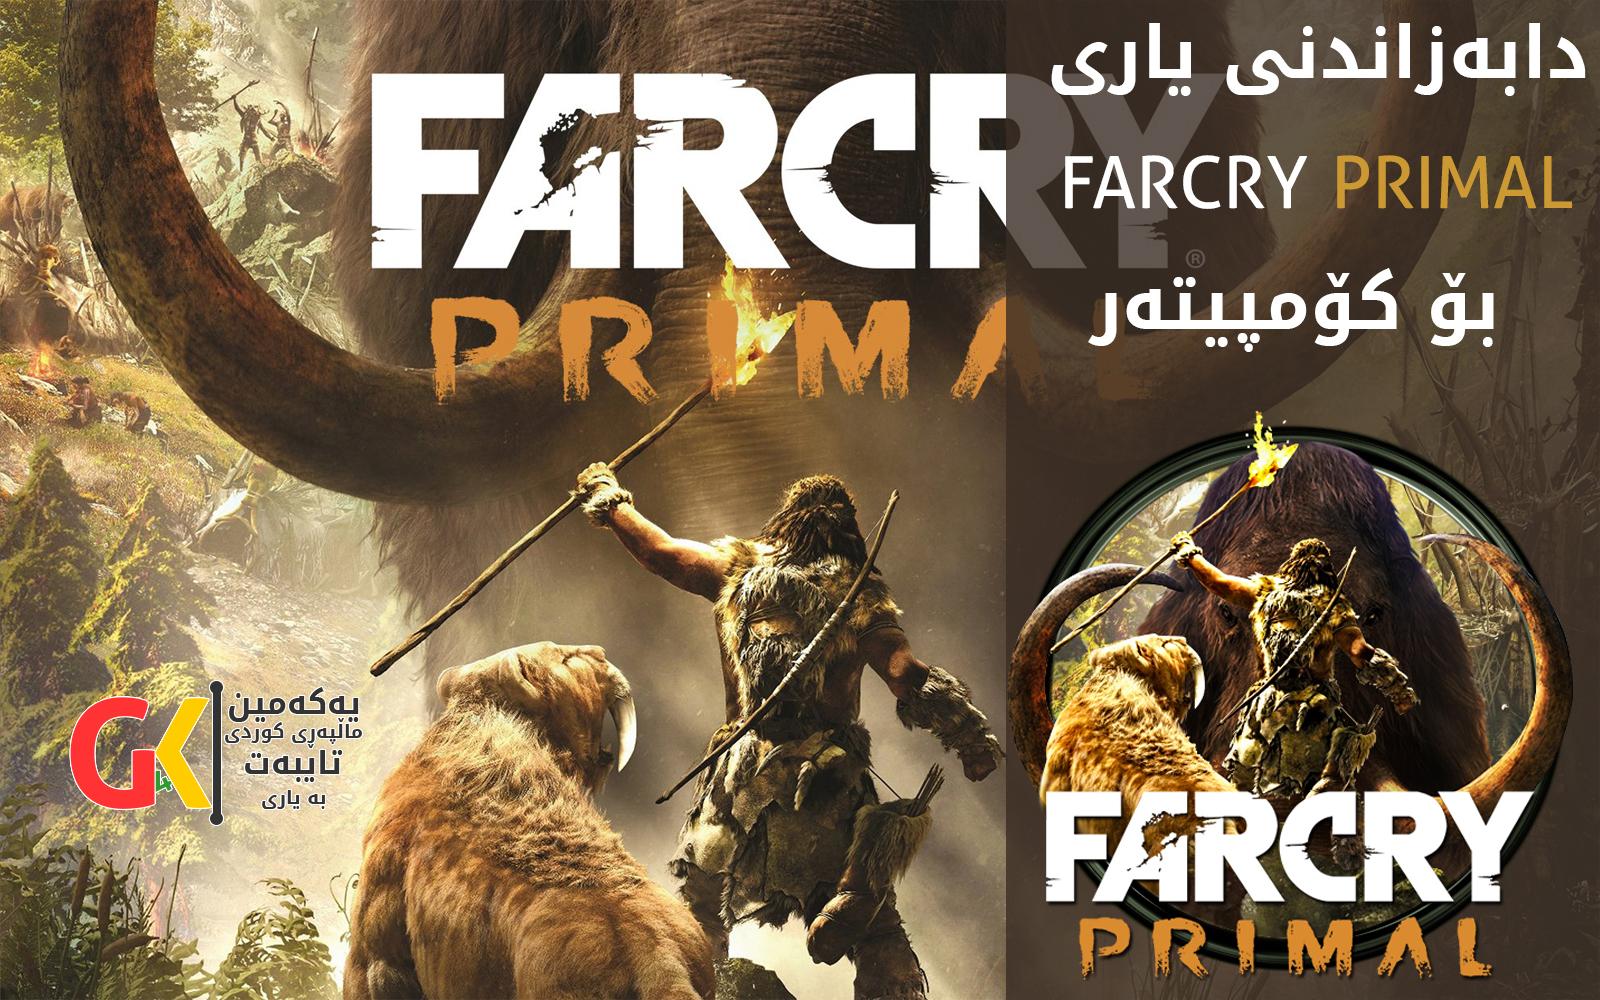 دابهزاندنی یاری Far Cry PRIMAL بۆ كۆمپیتهر